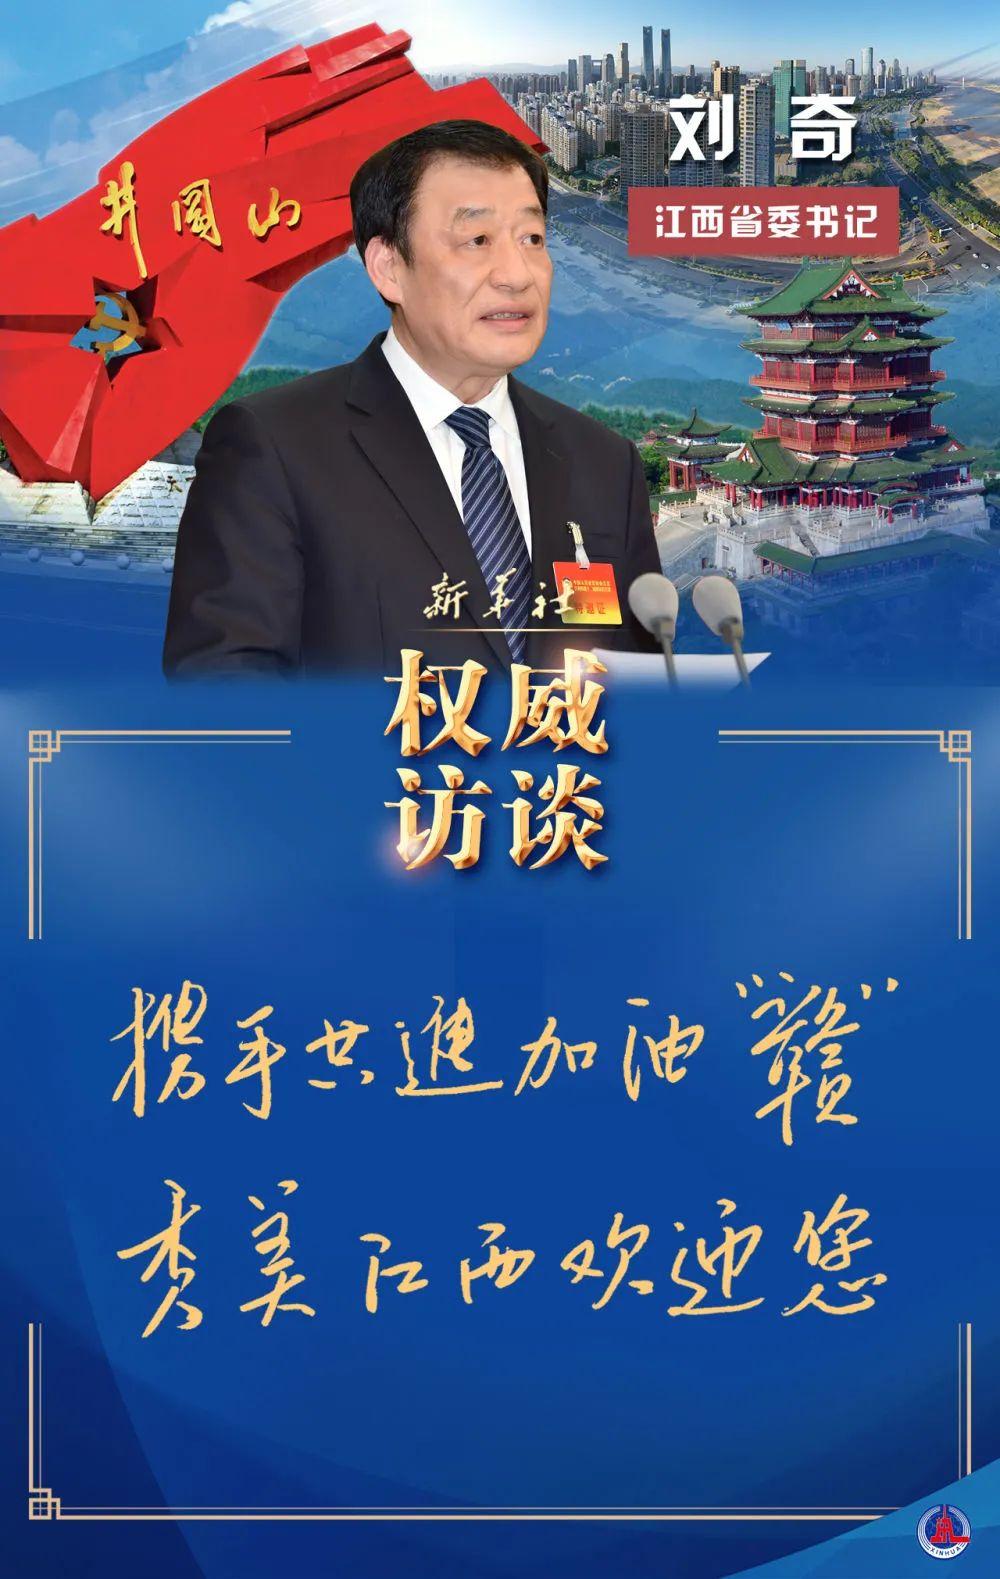 刘奇书记接受新华社专访,江西新时代高质量跨越式发展新路子要这样走!